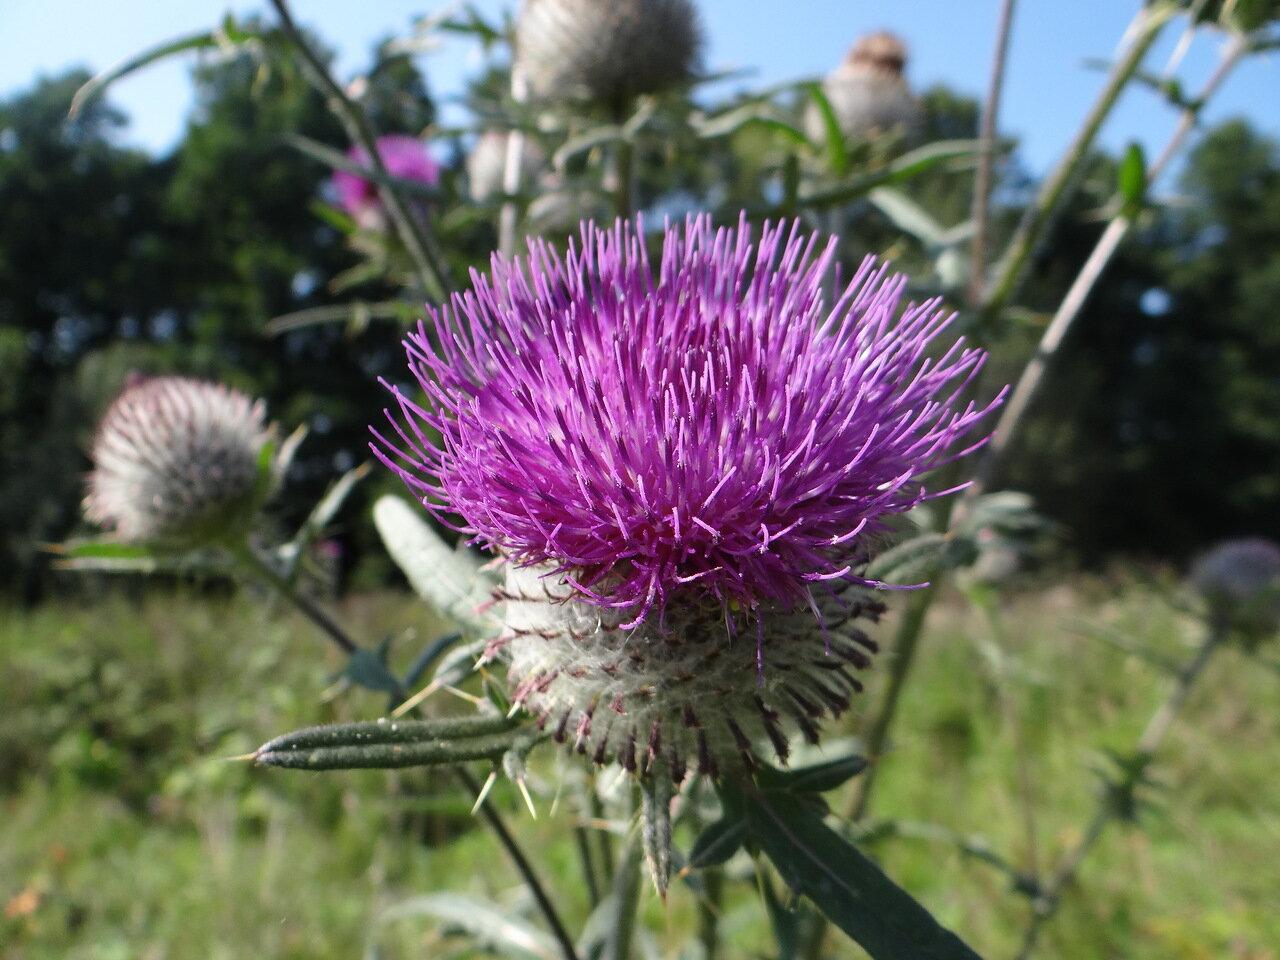 Бодяк польский (Cirsium polonicum). Автор фото: Привалова Марина